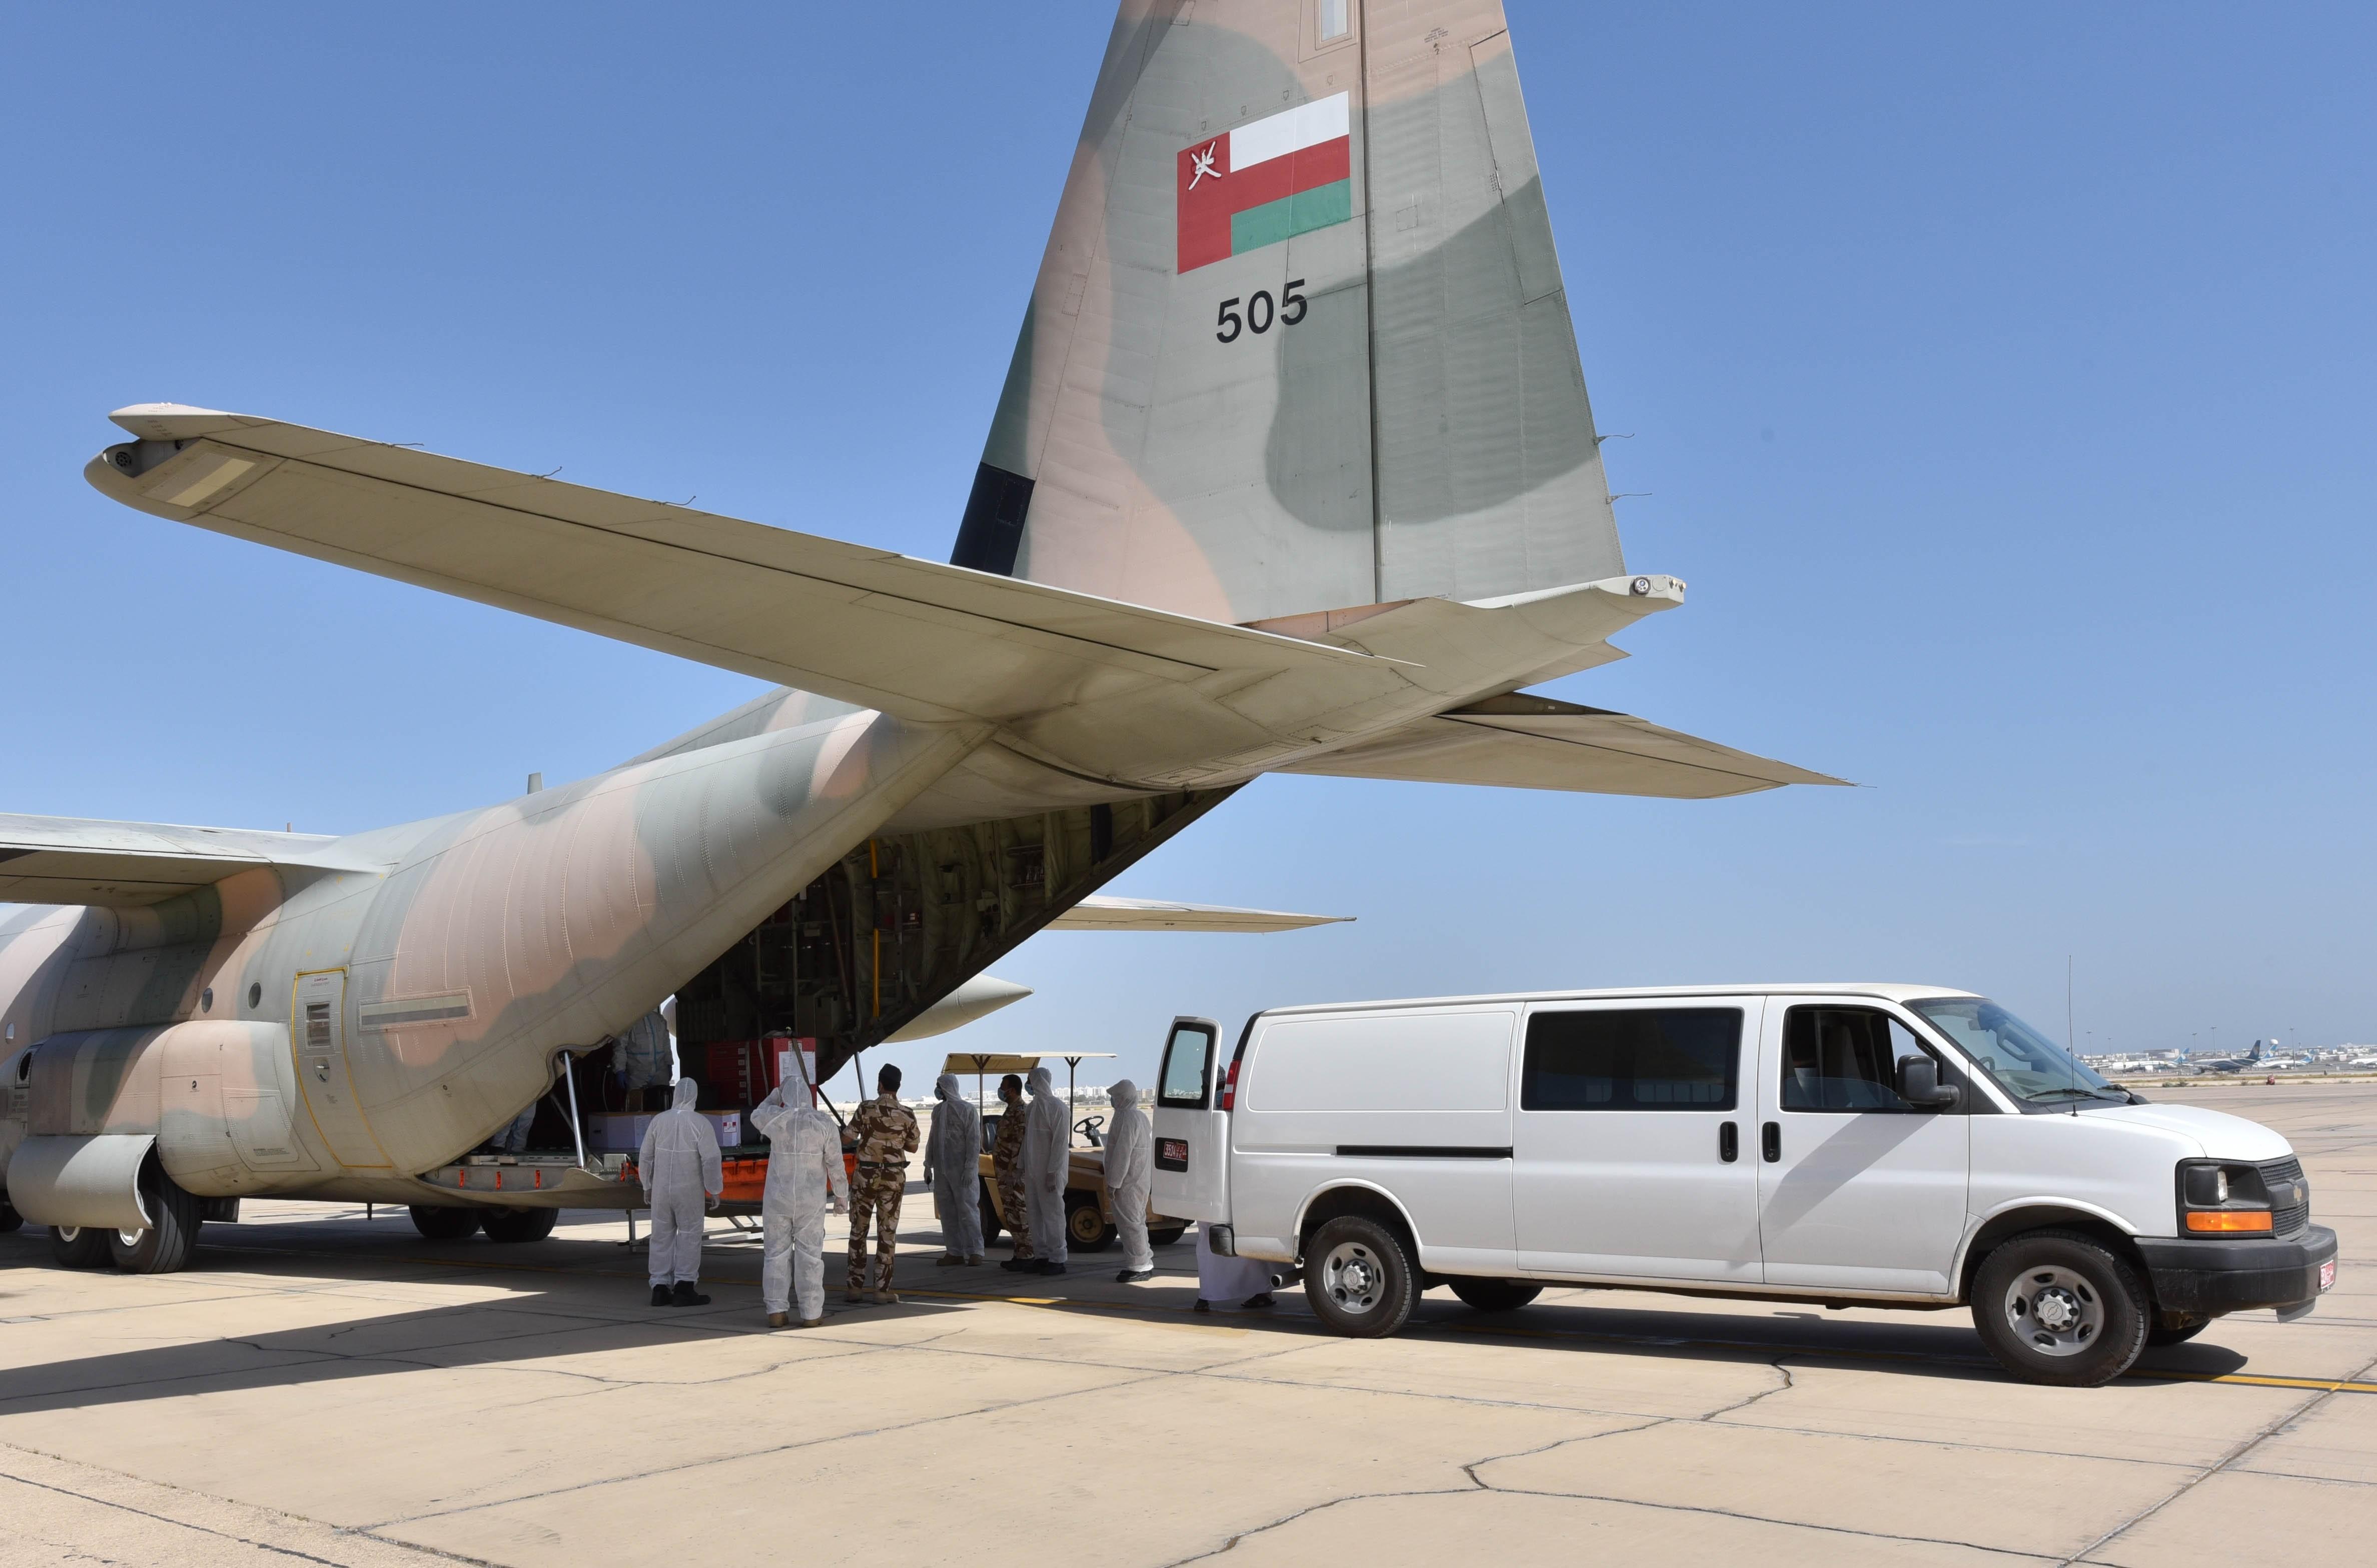 سلطنة عمان تسير رحلات جوية اغاثية إلى لبنان لمواجهة تداعيات انفجار بيروت